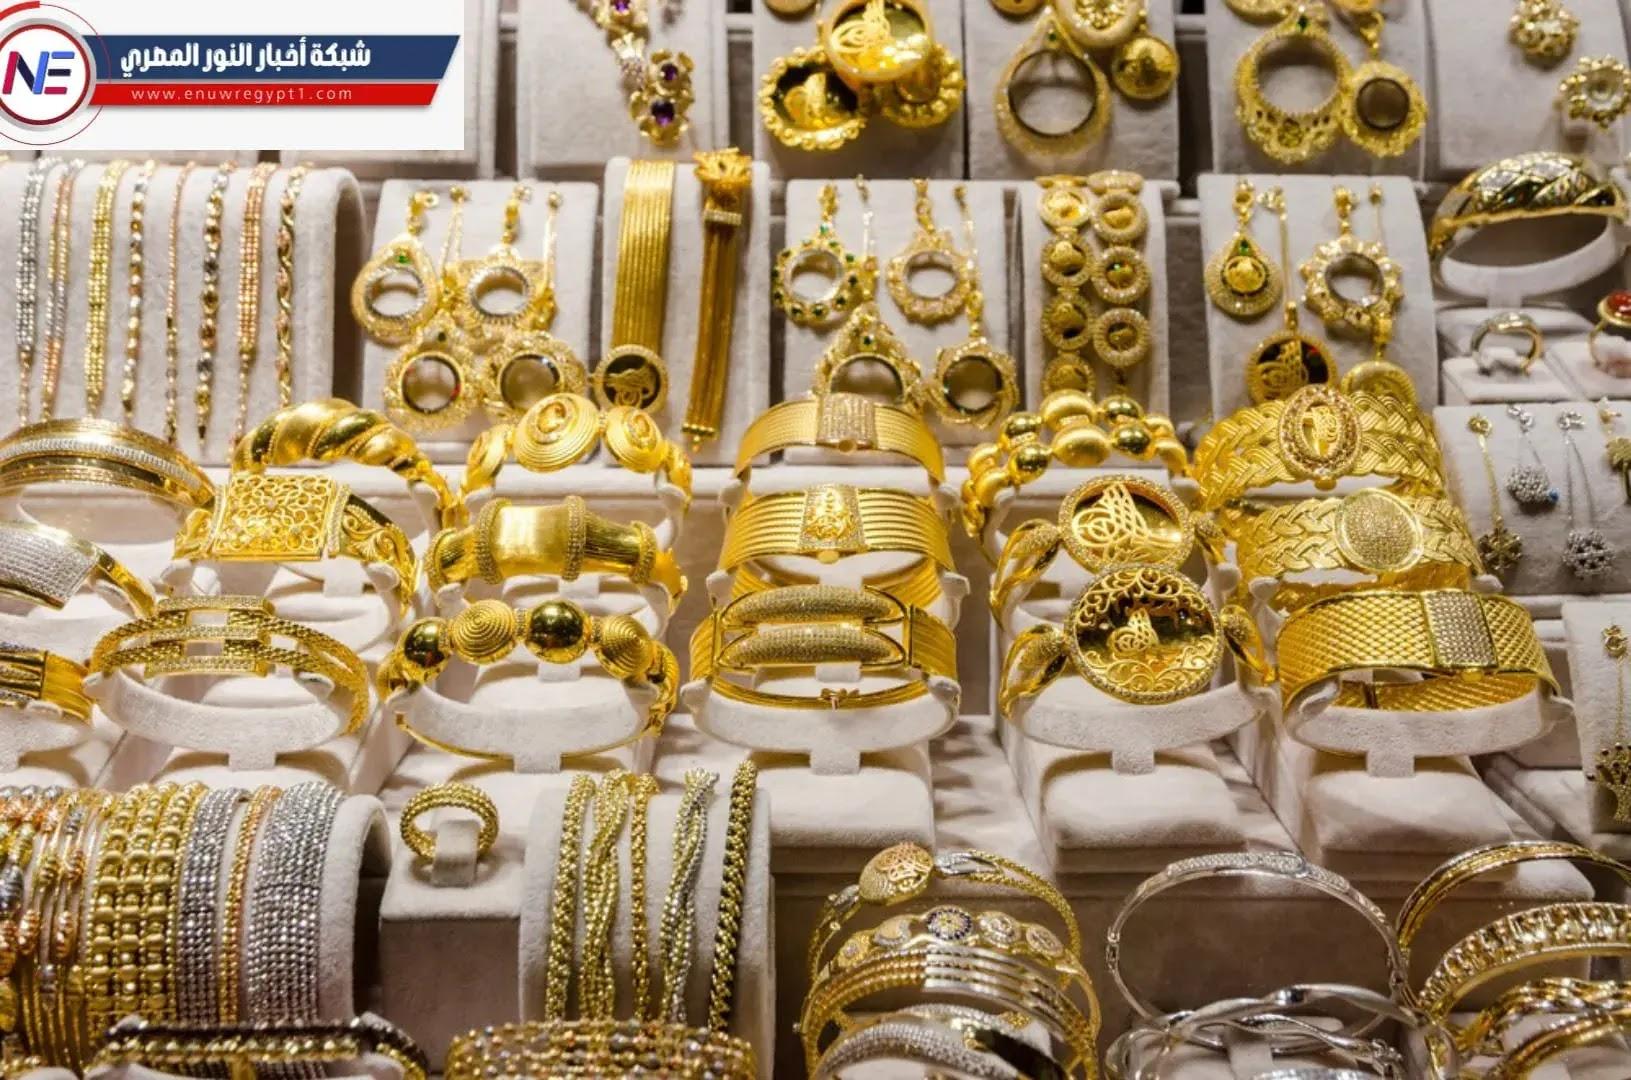 مفاجأة جديدة.. أسعار الذهب اليوم في مصر السبت 1 مايو 2021 بالتفاصيل - سعر جرام الذهب عيار 21 اشتريه الان